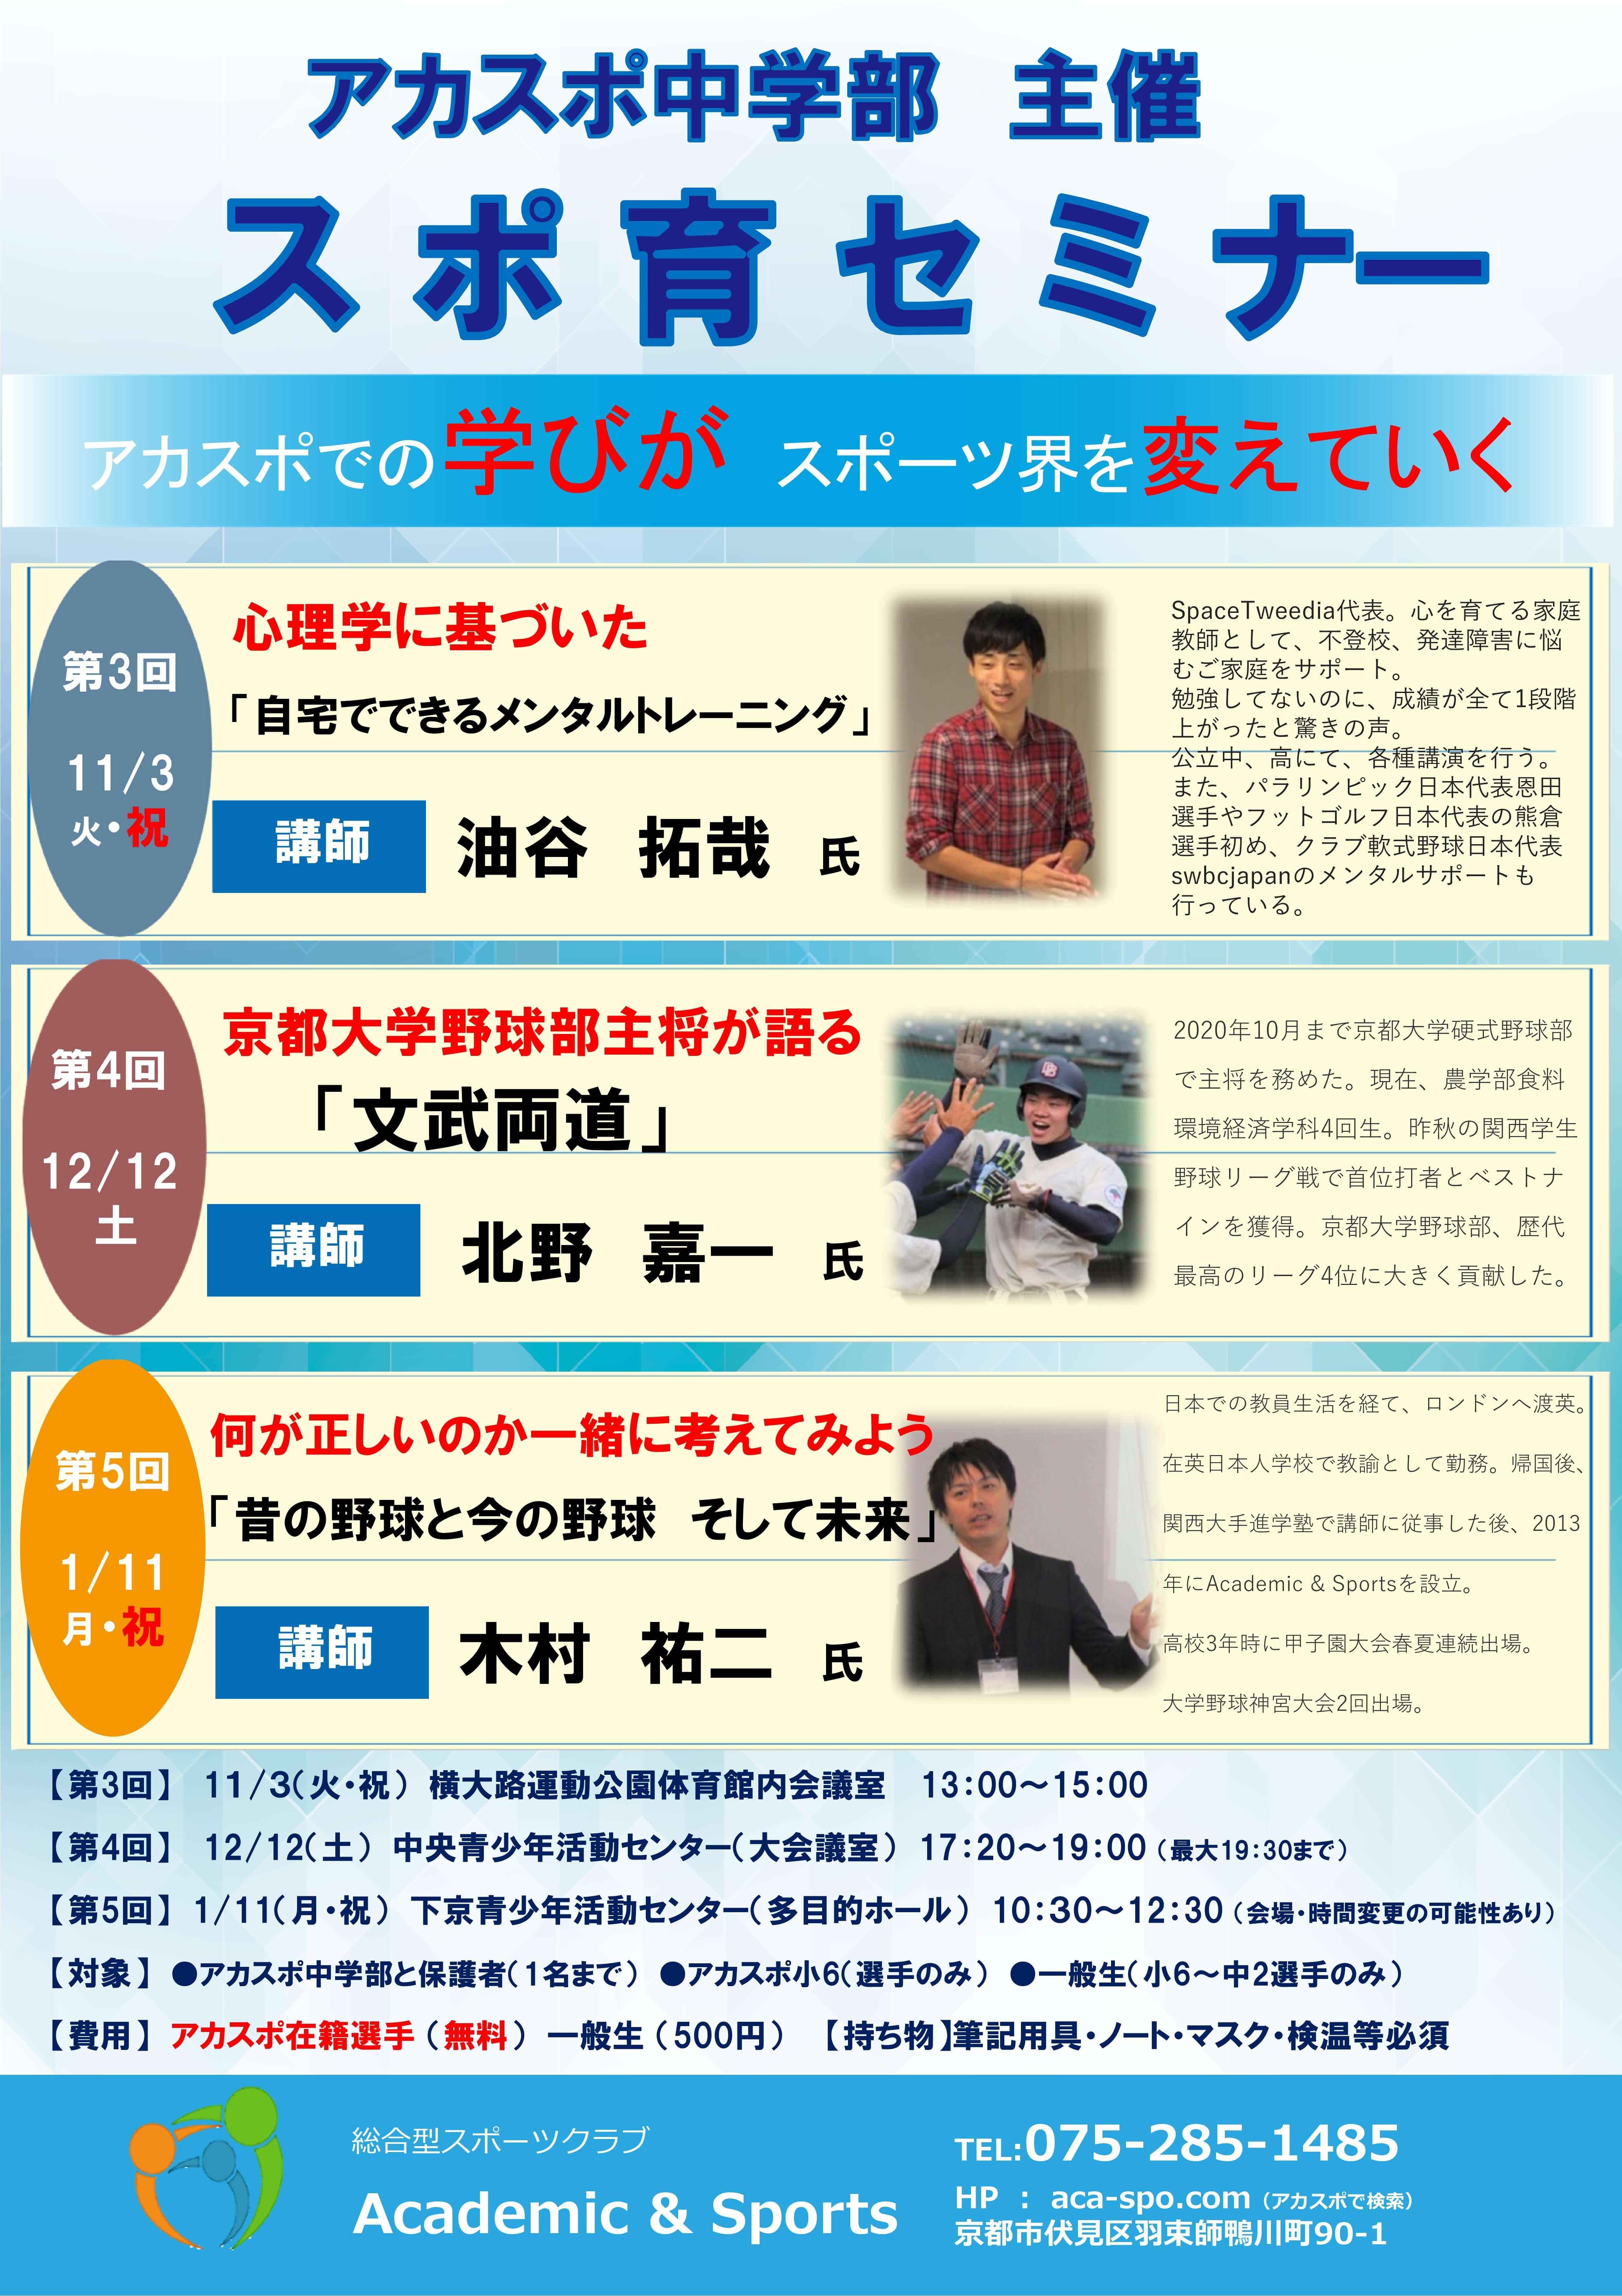 【野球】スポ育セミナー(第3回~第5回)